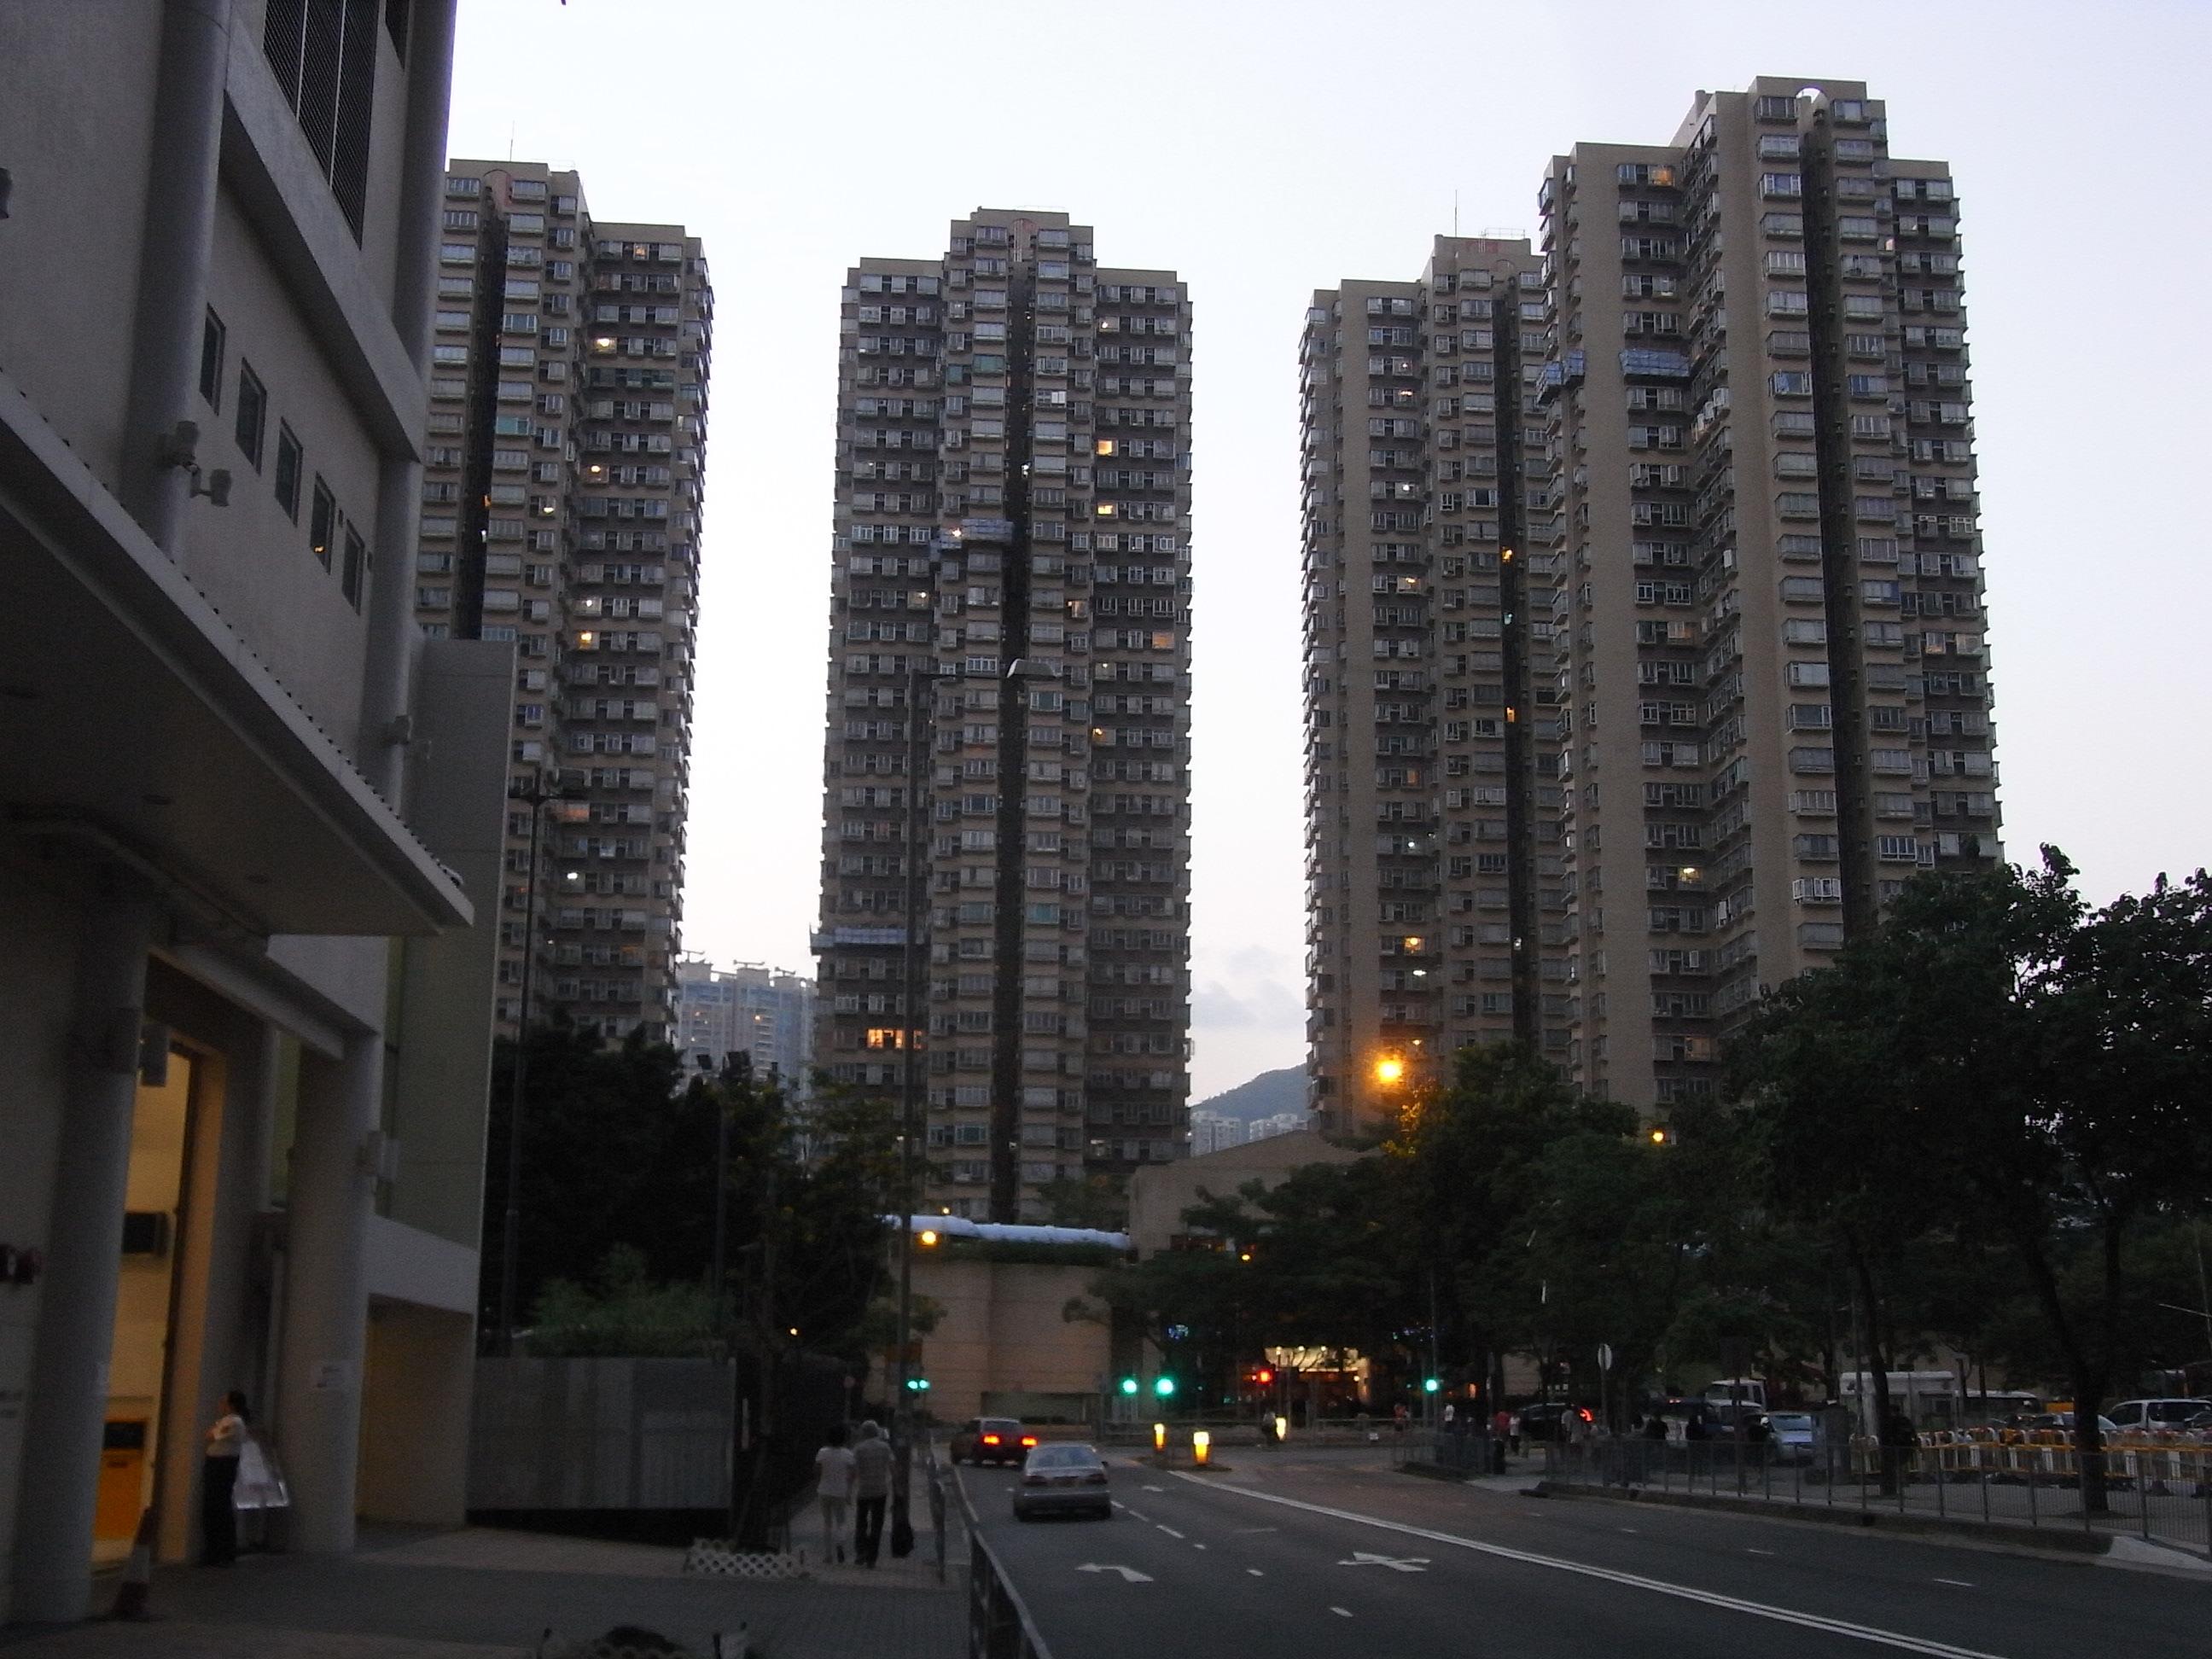 File:HK Shek Mun On Lai Street evening view On King Street Ravana Garden Sept-2012.JPG - Wikimedia Commons